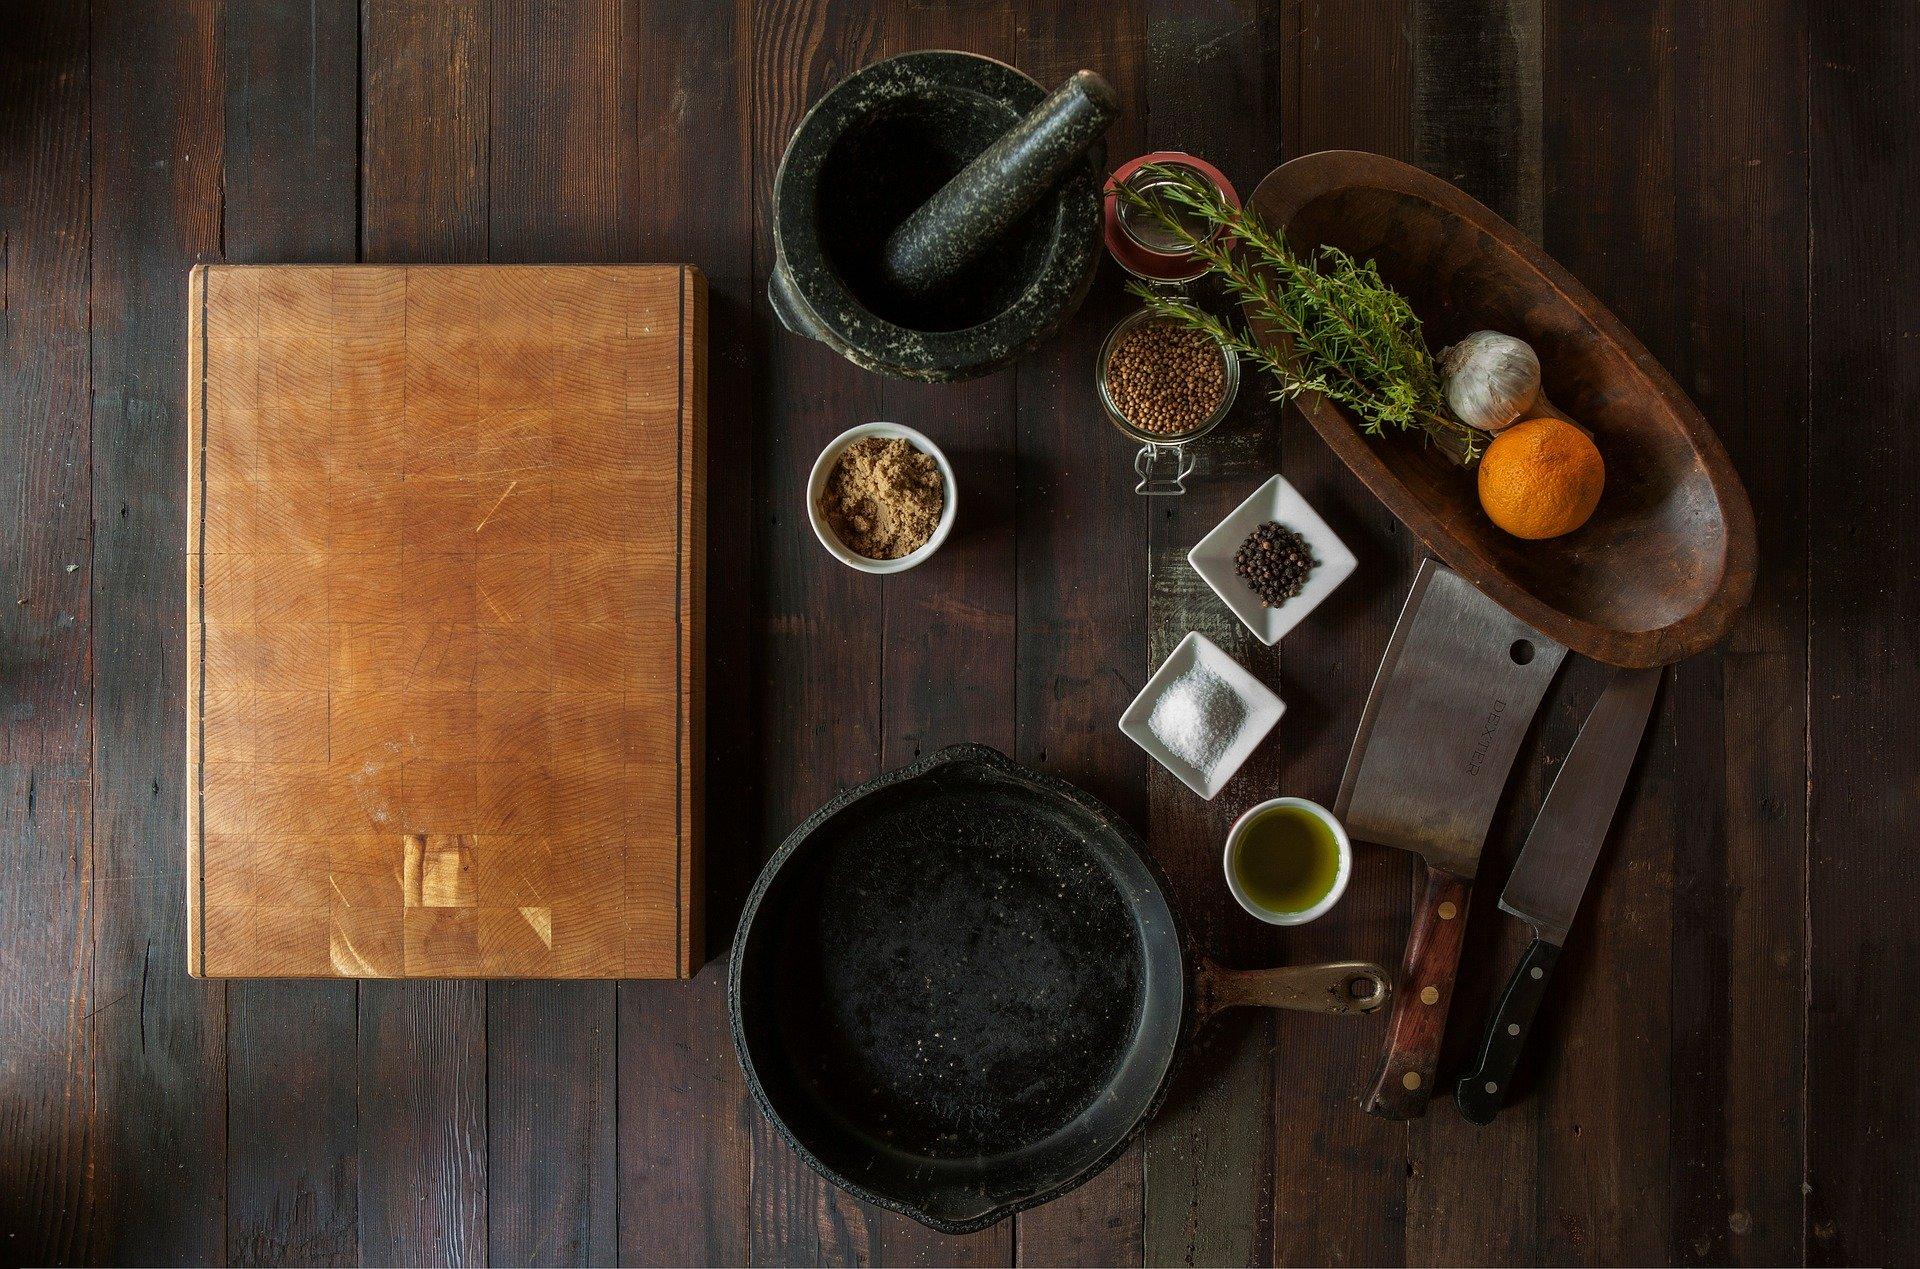 Cutelo em meio a outros utensílios e ingredientes de cozinha